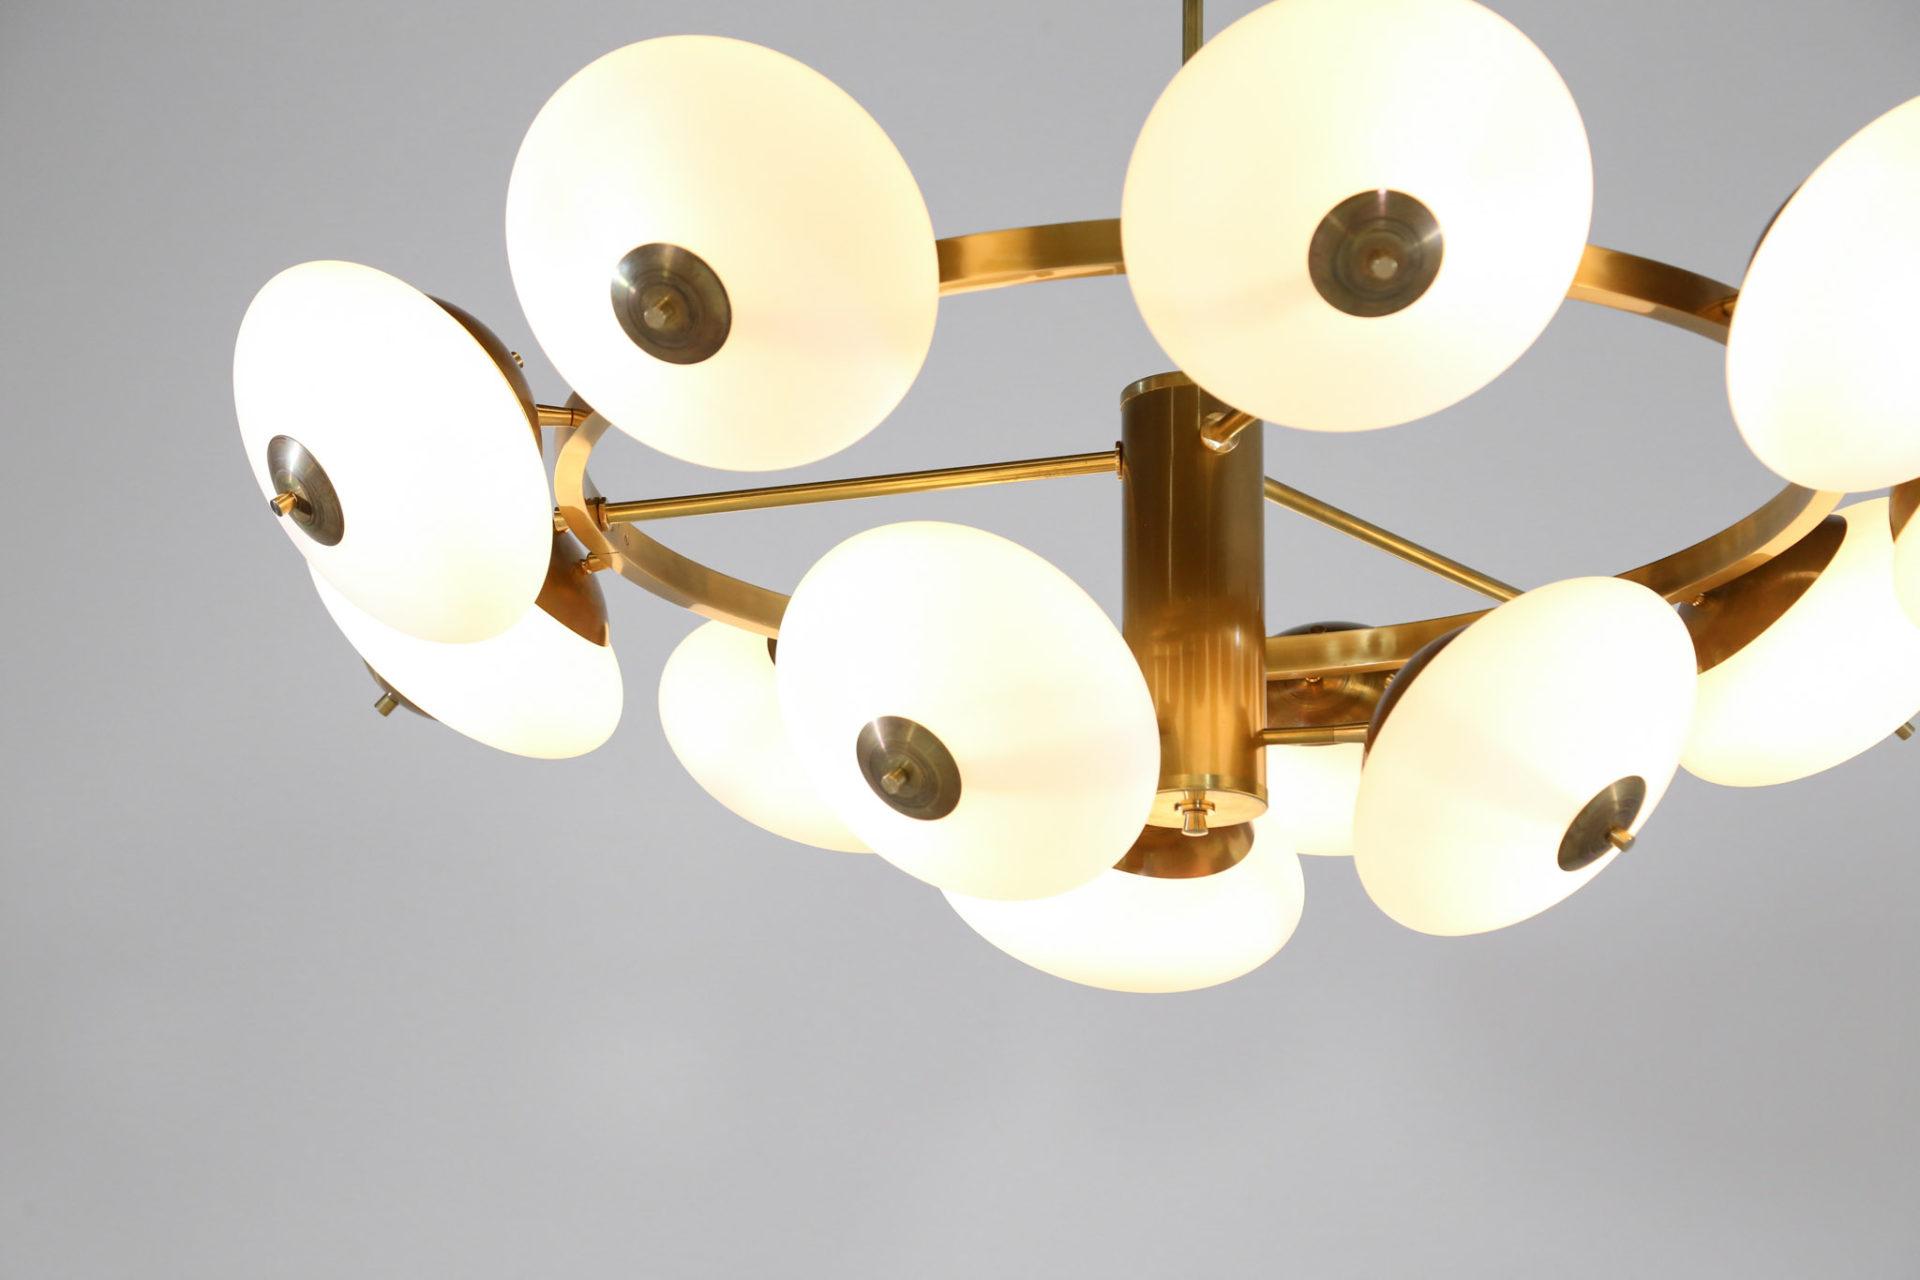 grand lustre stilnovo italien ovoide rond vintage 10